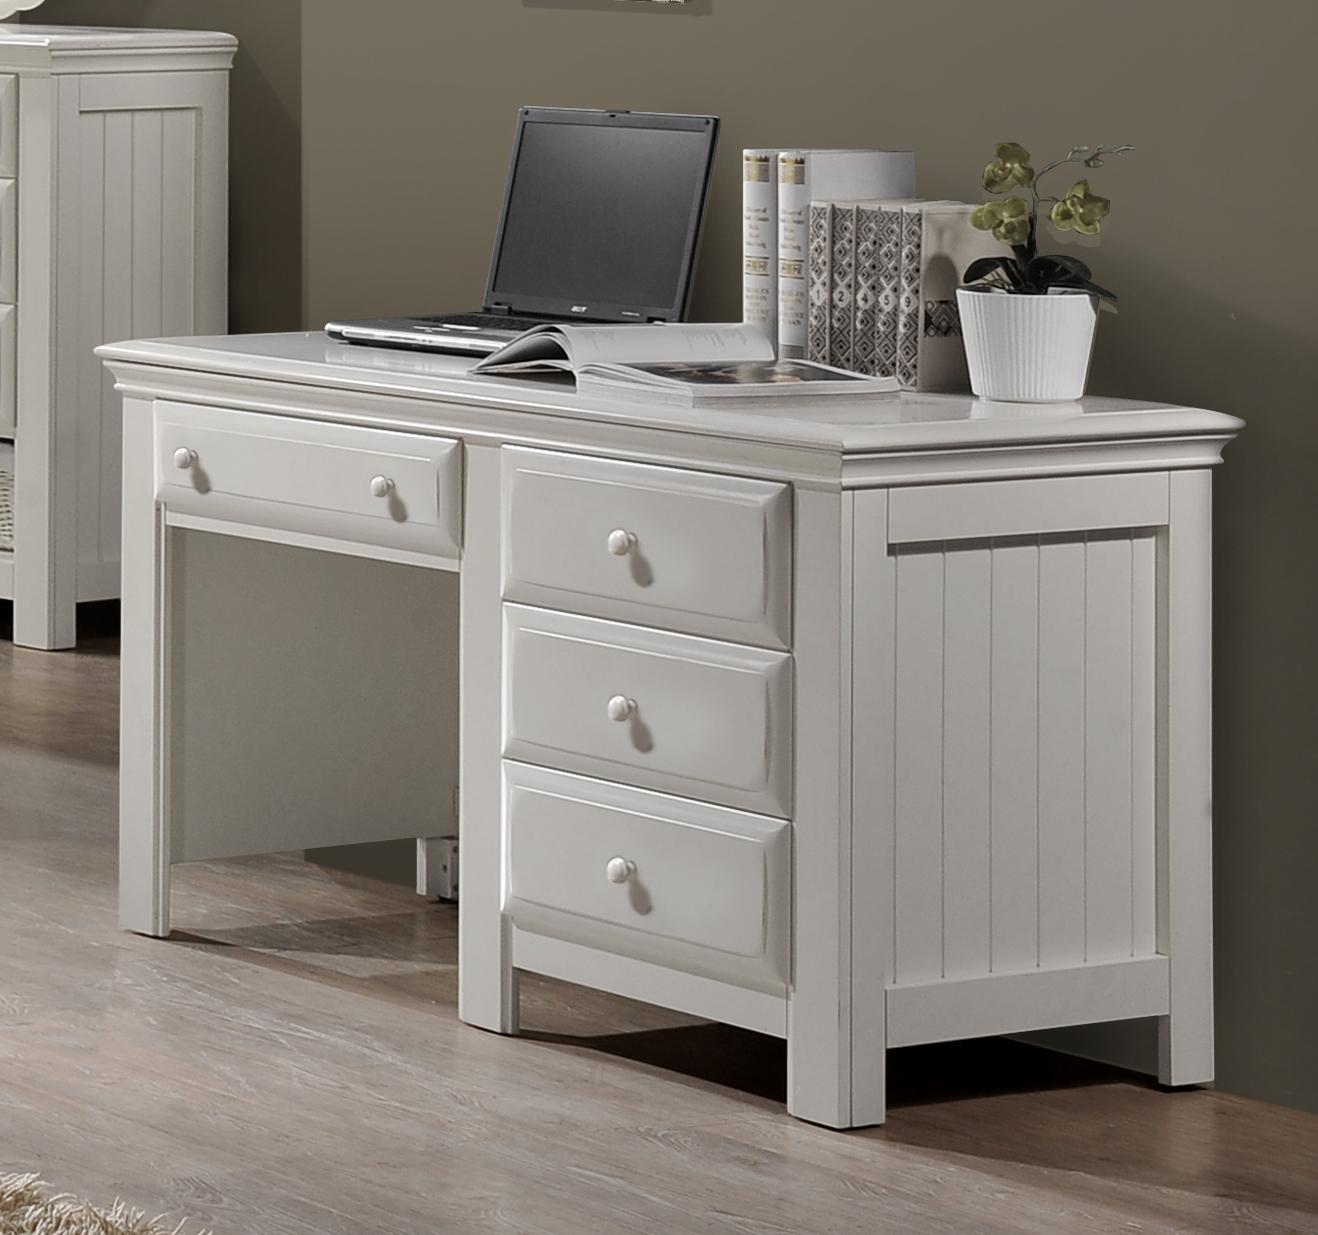 tops-495206 SONKEY- desk low rez.jpg